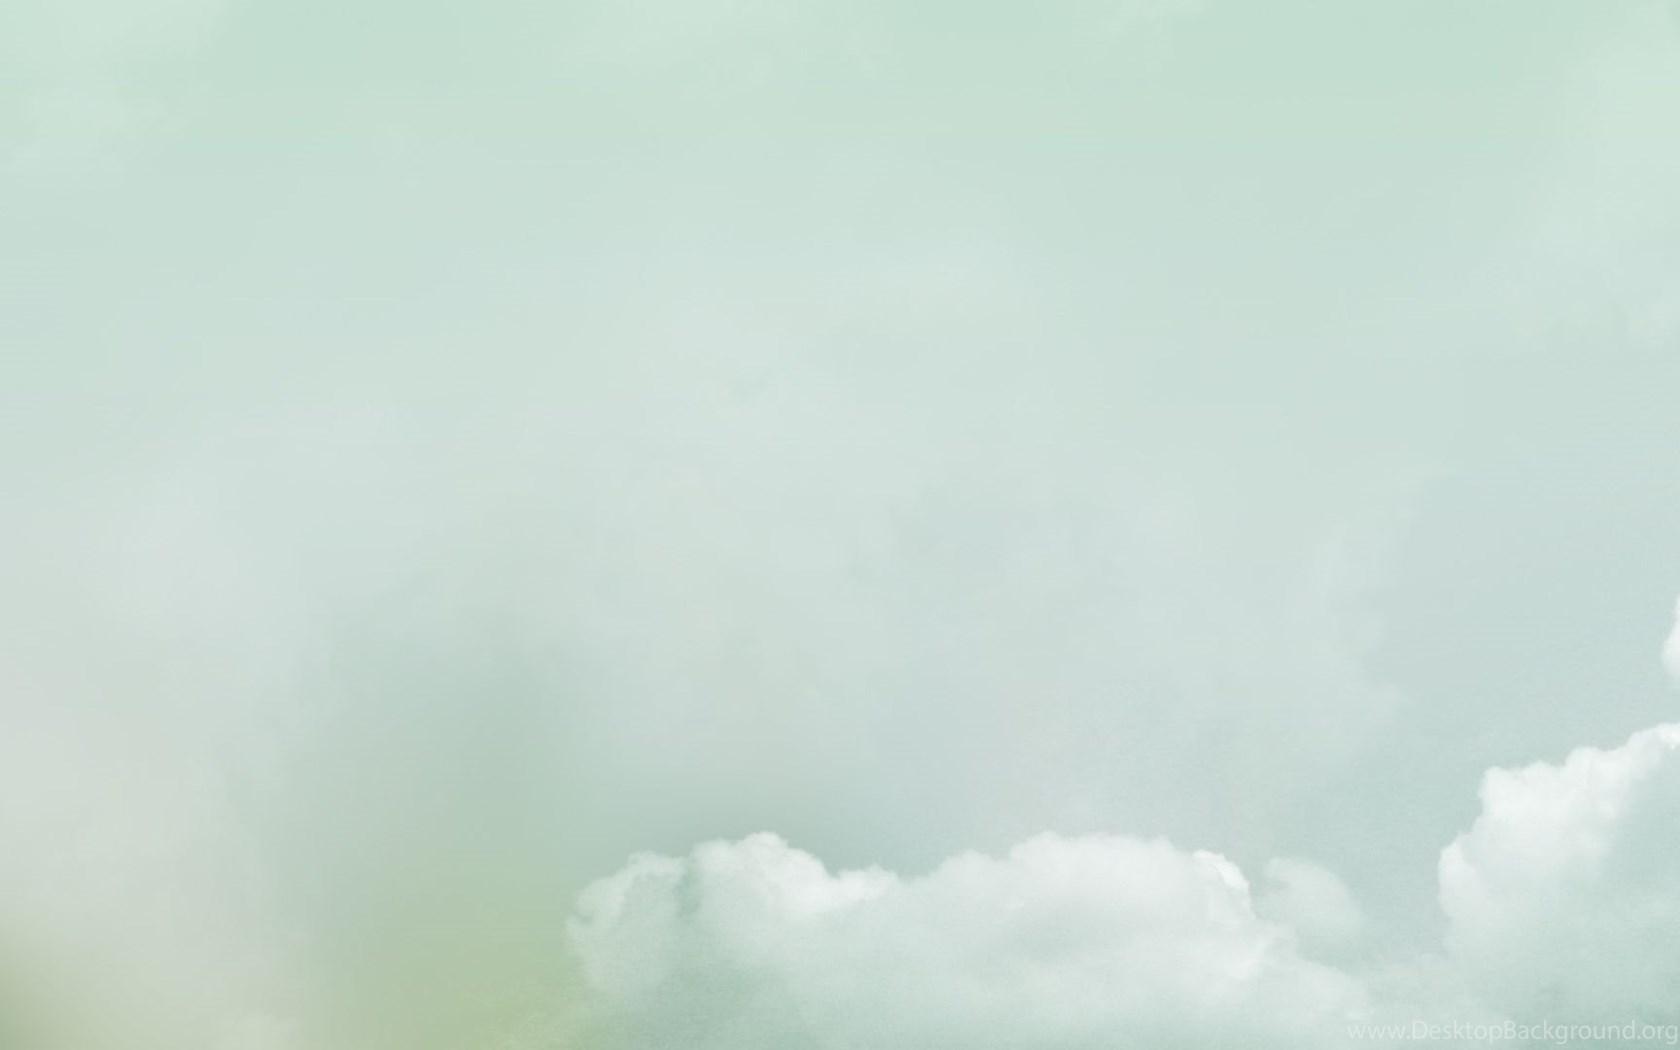 Minimalist Parallax Hd Iphone Ipad Wallpaper: HD Cloud Minimalist Wallpapers